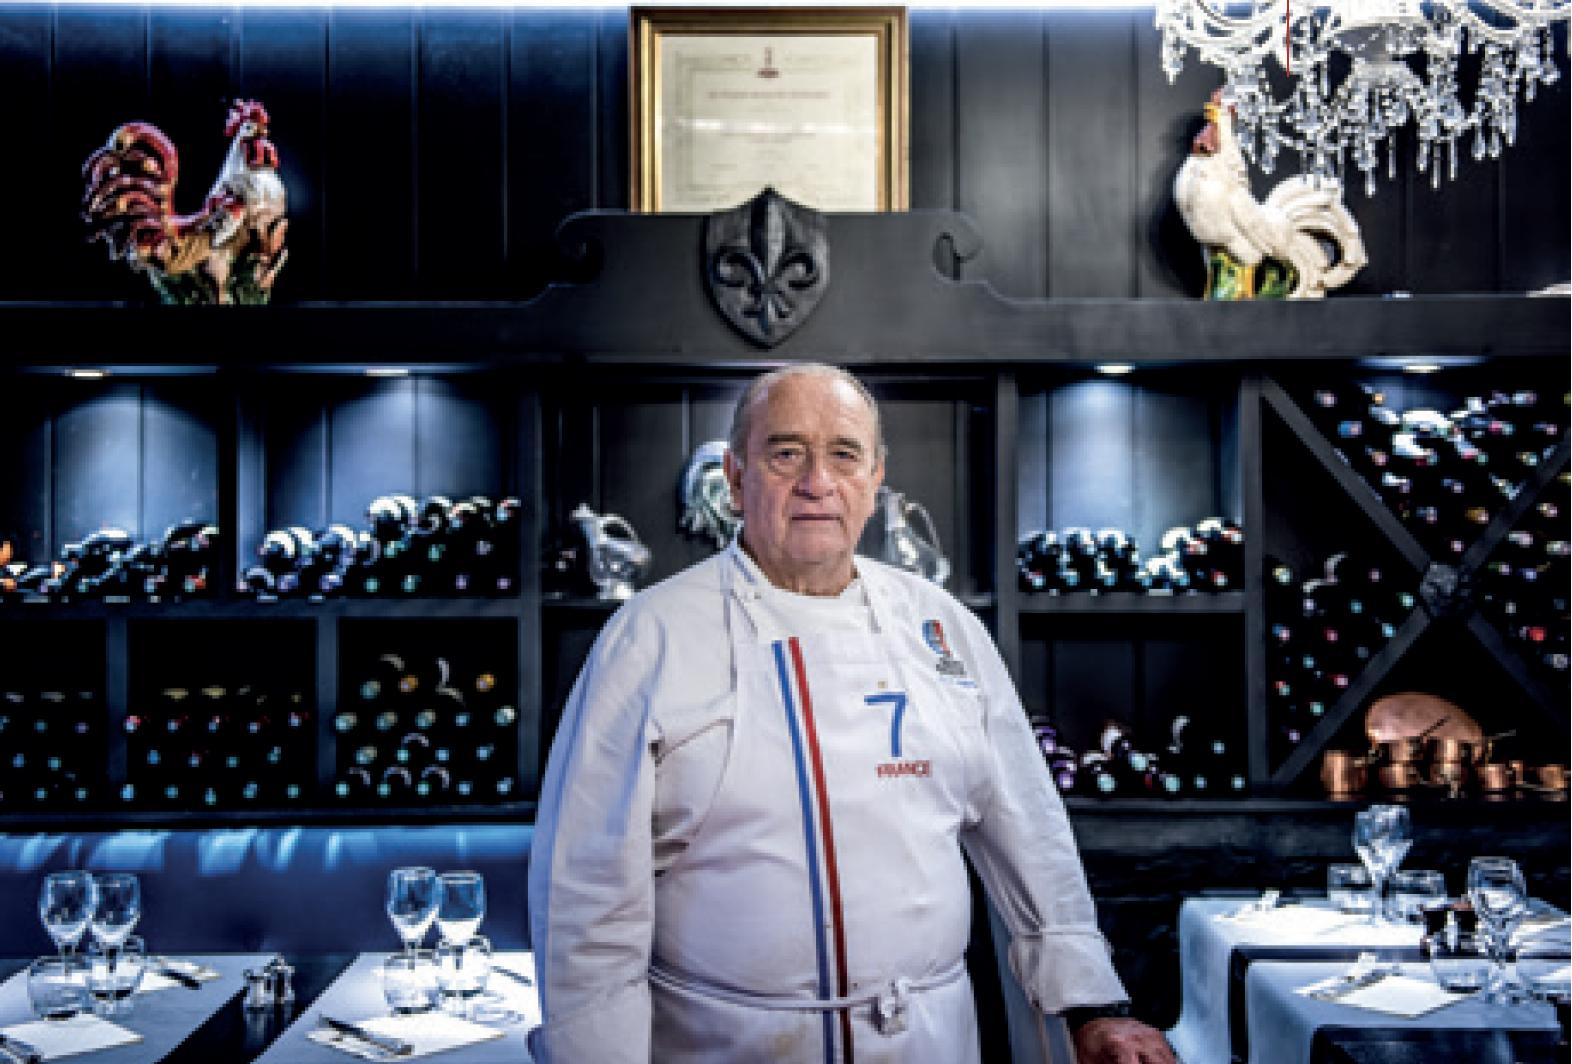 Restaurant La Table d'à coté - Paul Offroy